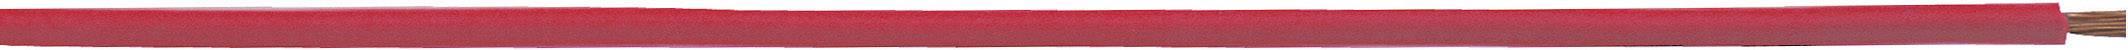 Opletenie / lanko LappKabel 4510062S H05V-K, 1 x 0.75 mm², vonkajší Ø 2.70 mm, 250 m, sivá